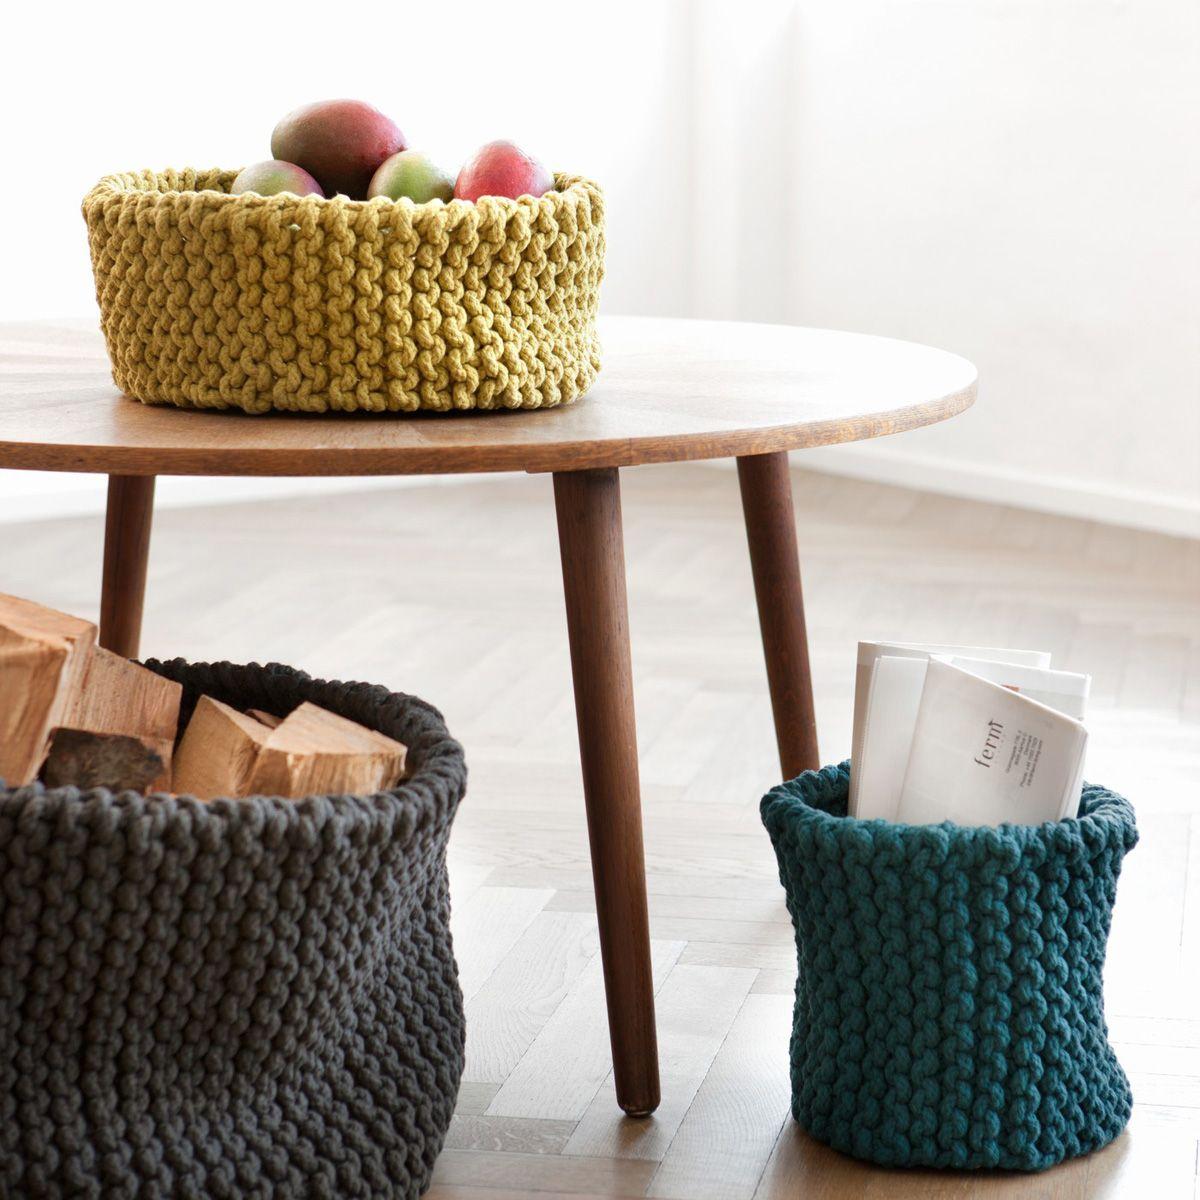 der knitted basket von ferm living ist eine tolle alternative fr frchteschale papierkrbe oder zeitschriftenhalter - Fantastisch Tolles Dekoration Ferm Living Korb